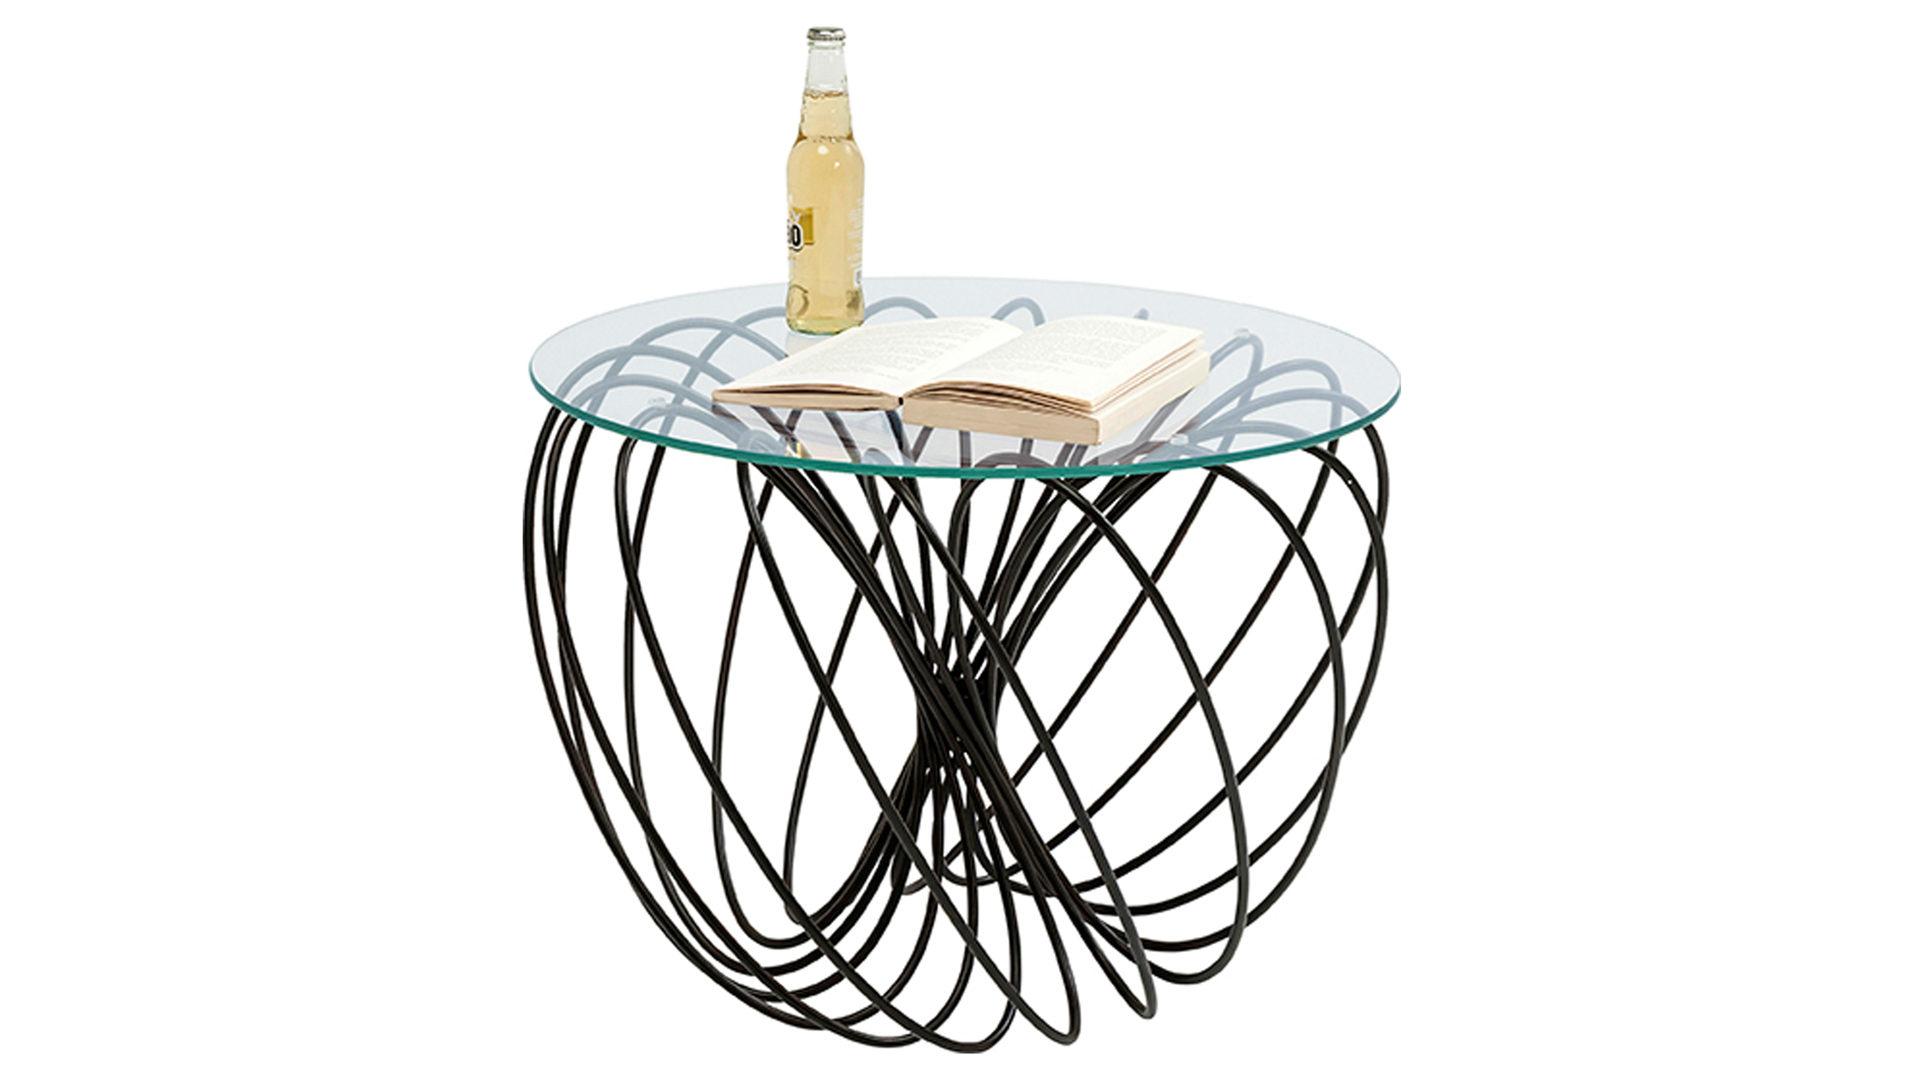 Kare Design Couchtisch Als Wohnzimmermobel Klarglasplatte